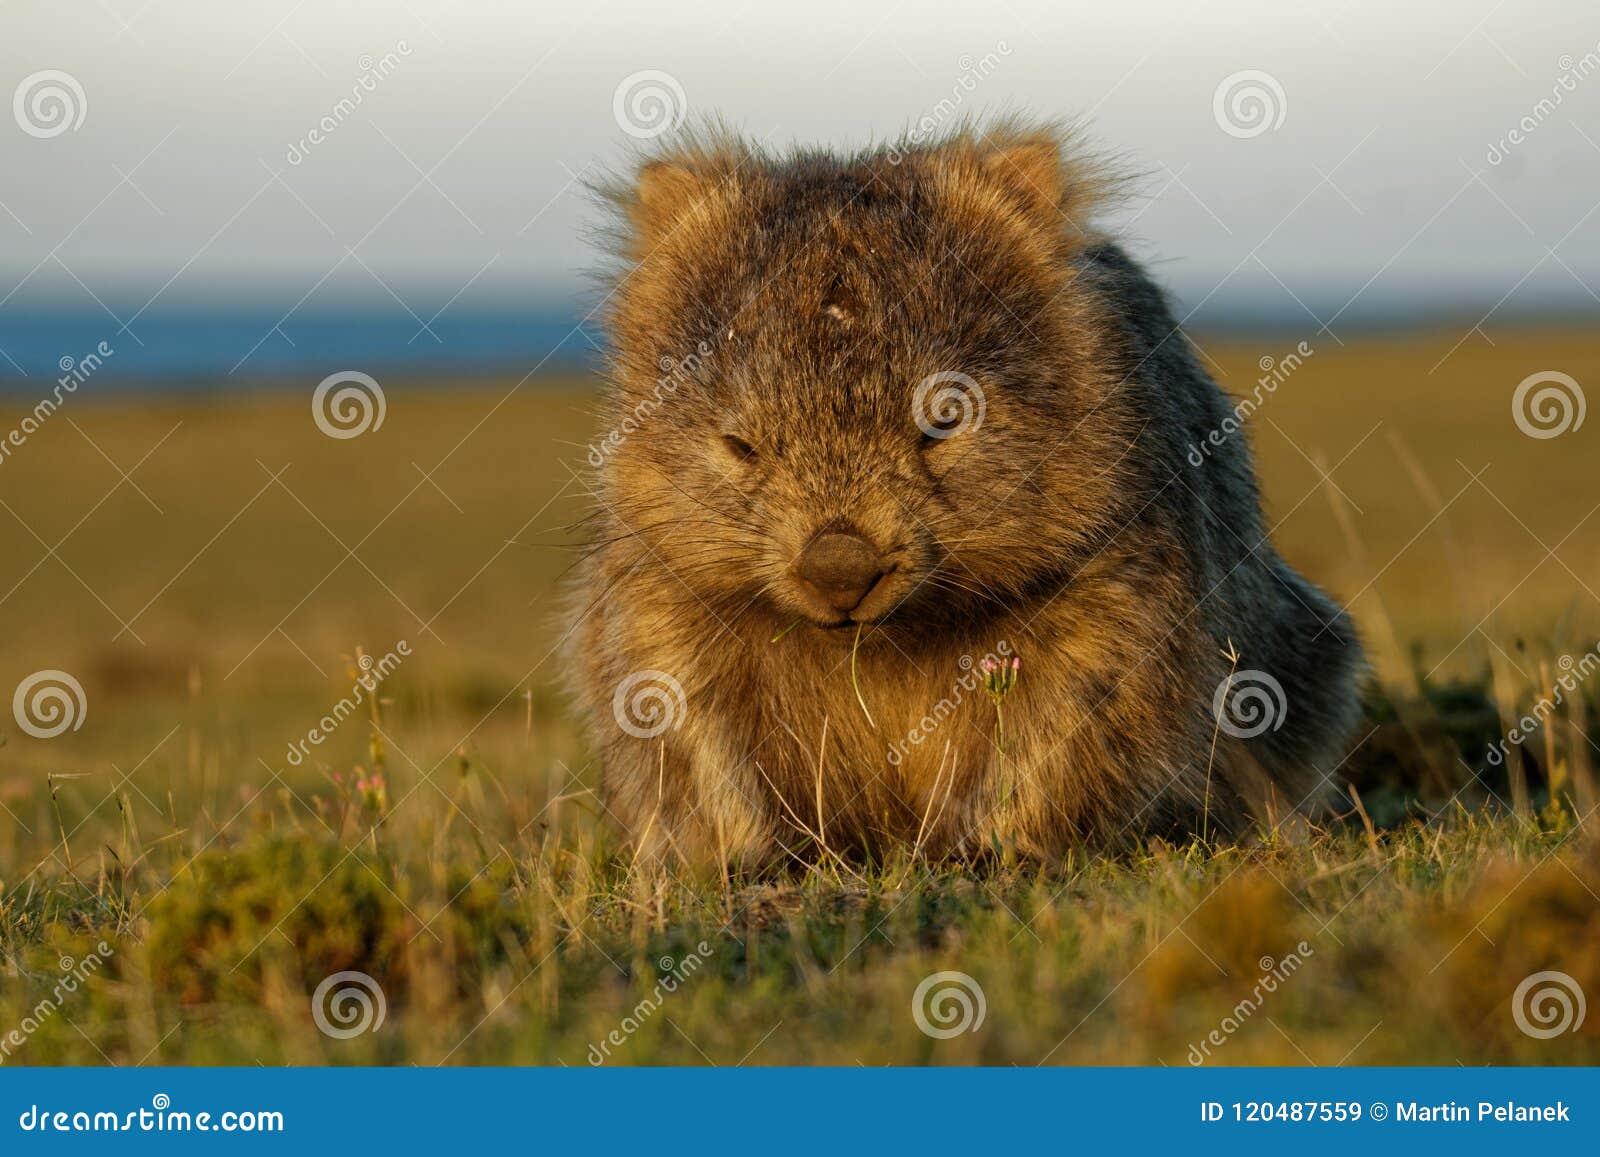 Vombatus-ursinus - allgemeines Wombat in der tasmanischen Landschaft, Gras am Abend auf der Insel nahe Tasmanien essend